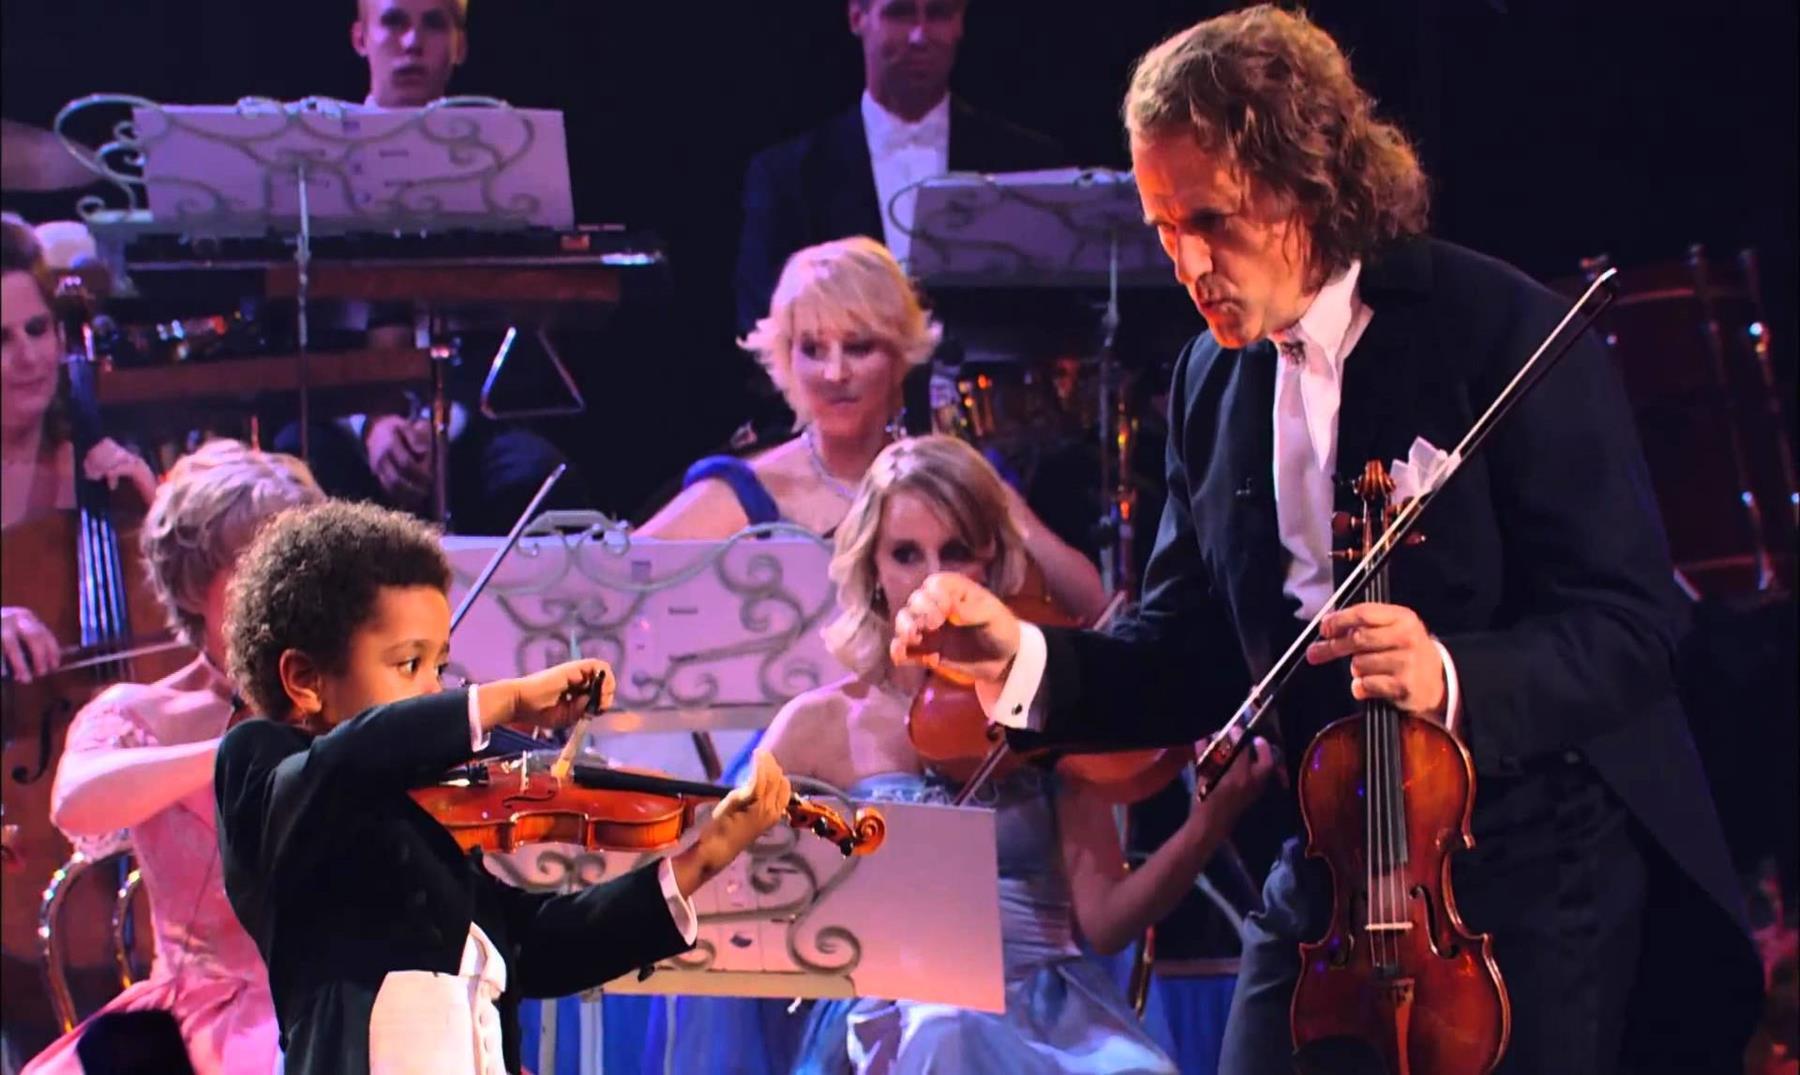 Akim Camara, prodigio del violín desde los 3 años